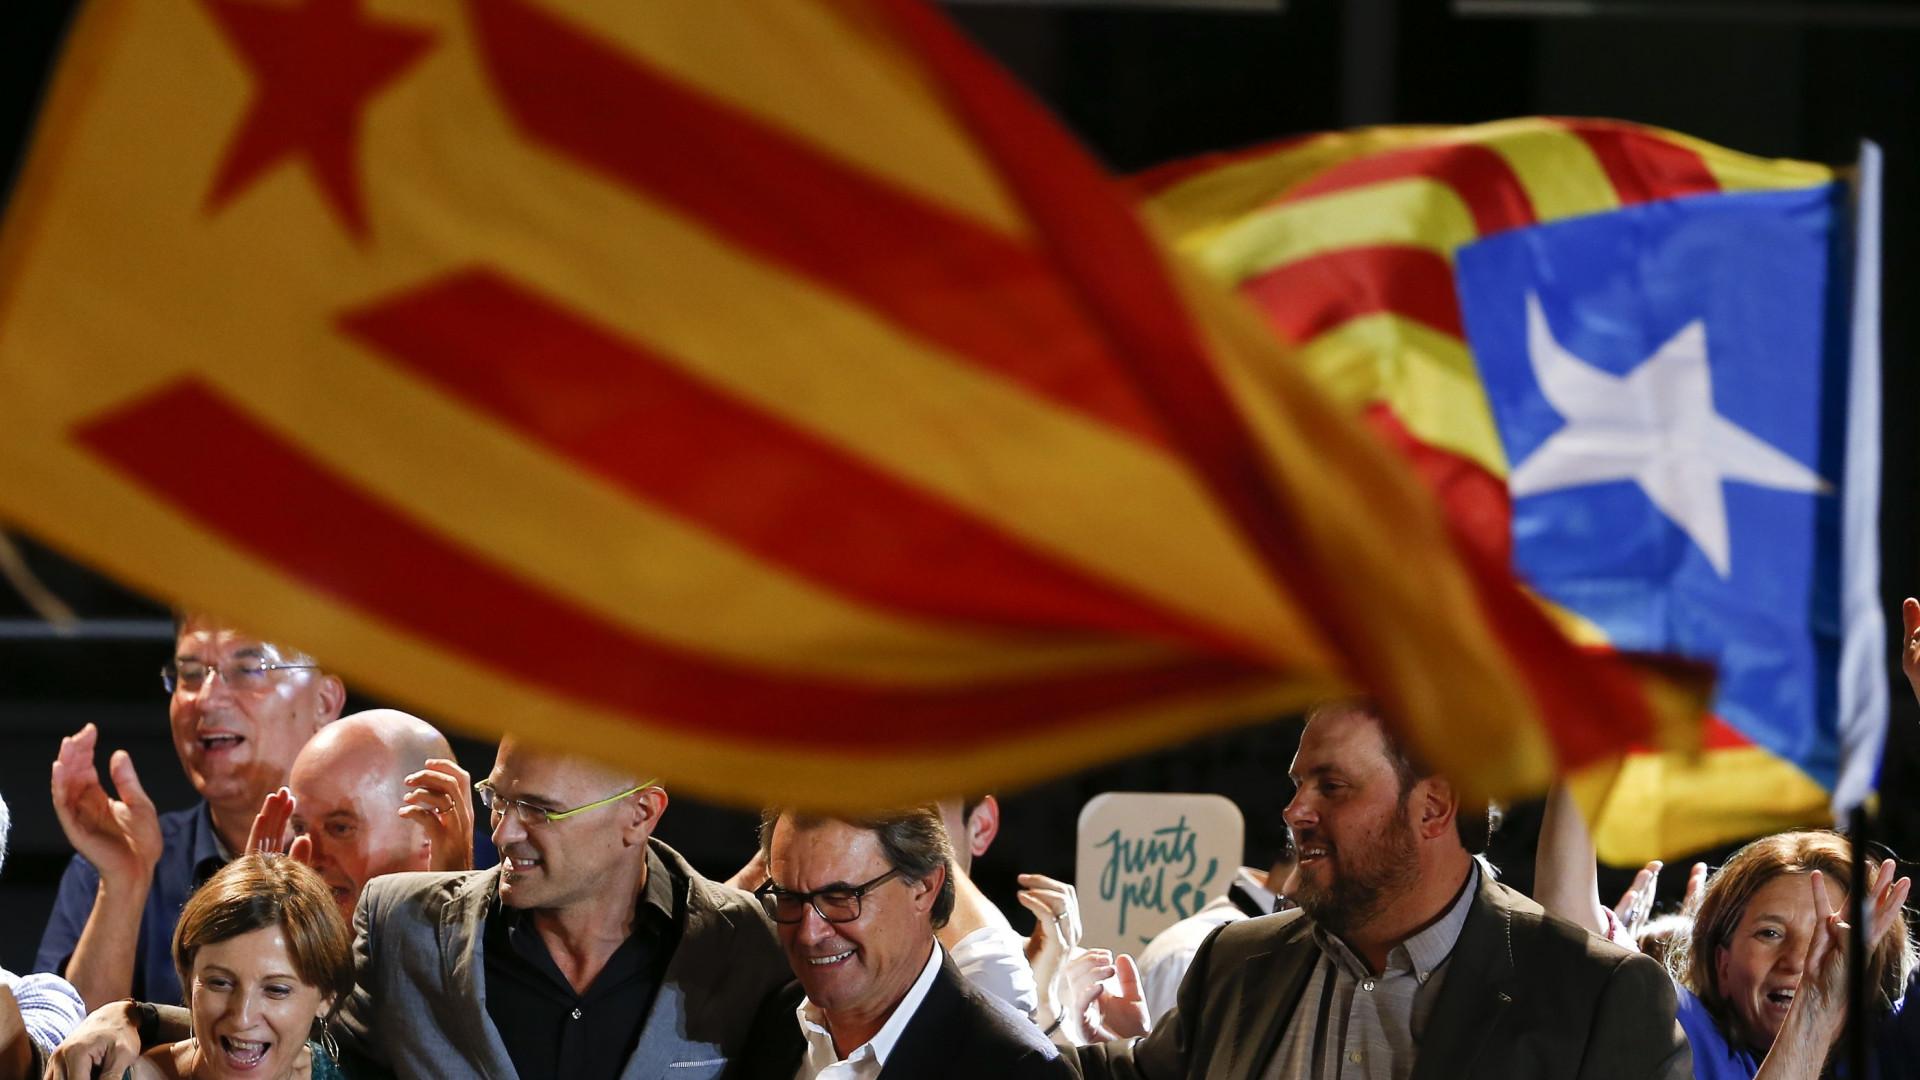 Justiça investiga autarcas por cooperação com referendo da Catalunha